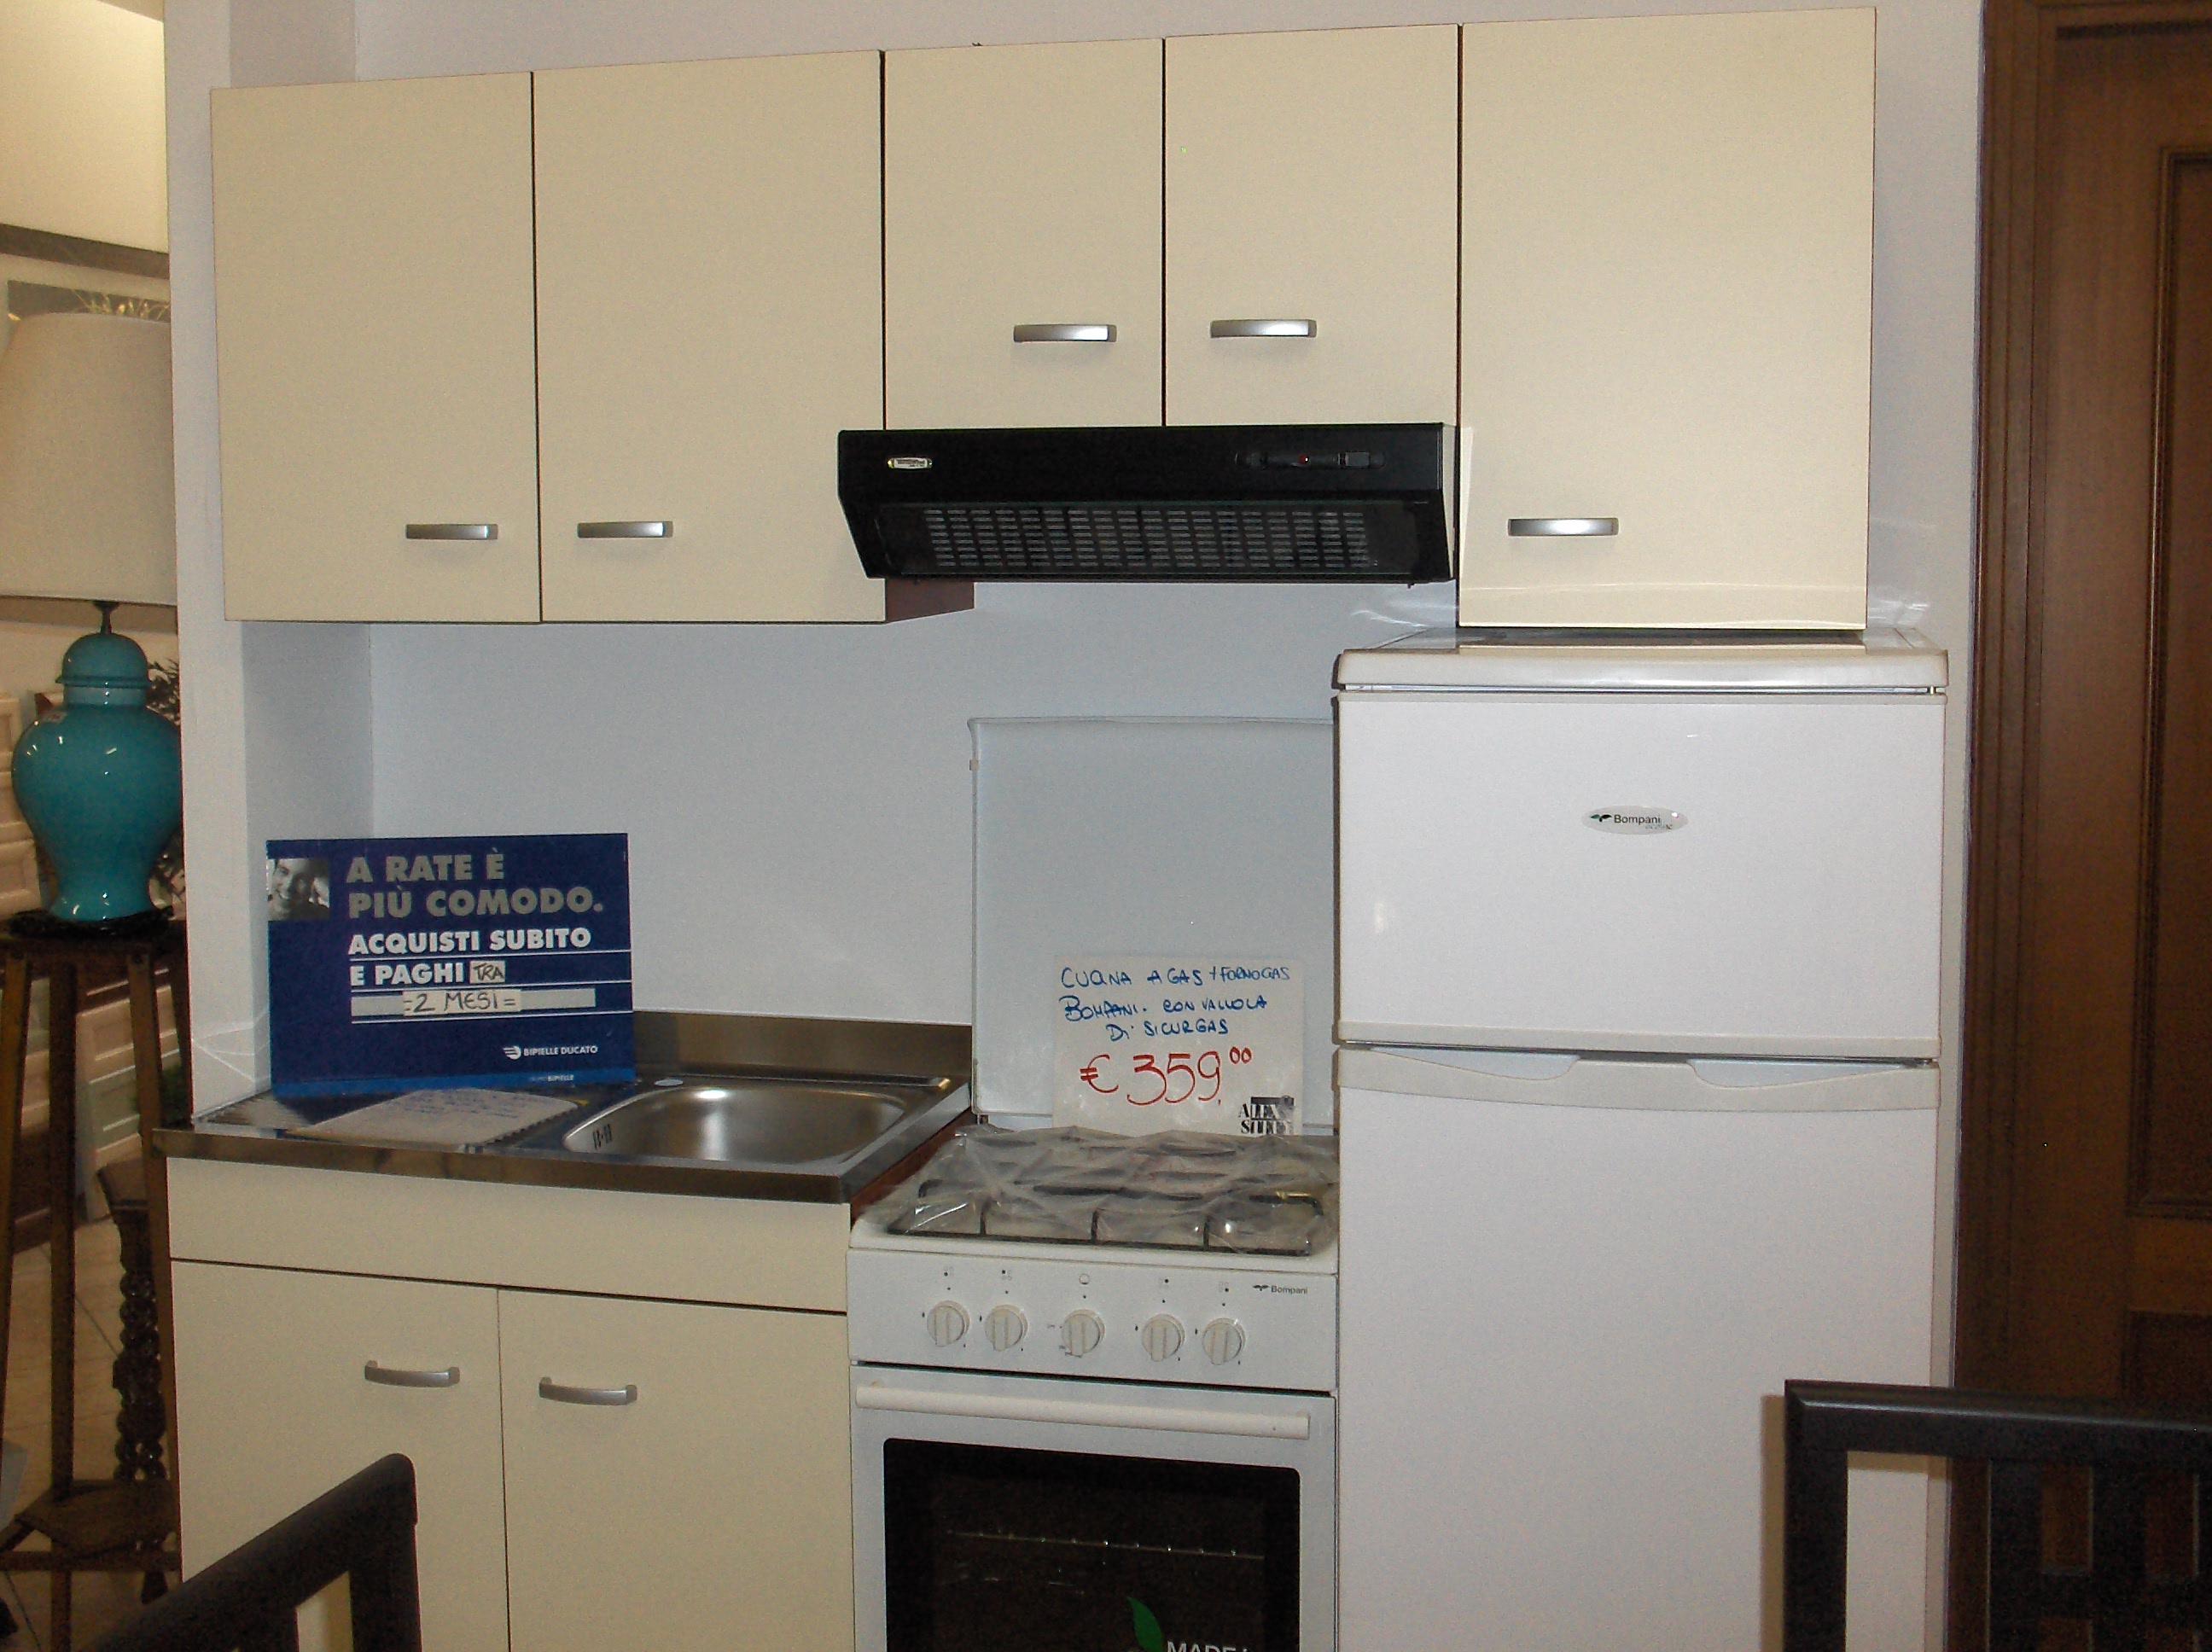 Dimensioni mobili cucina componibile cucine componibili - Larghezza mobili cucina ...